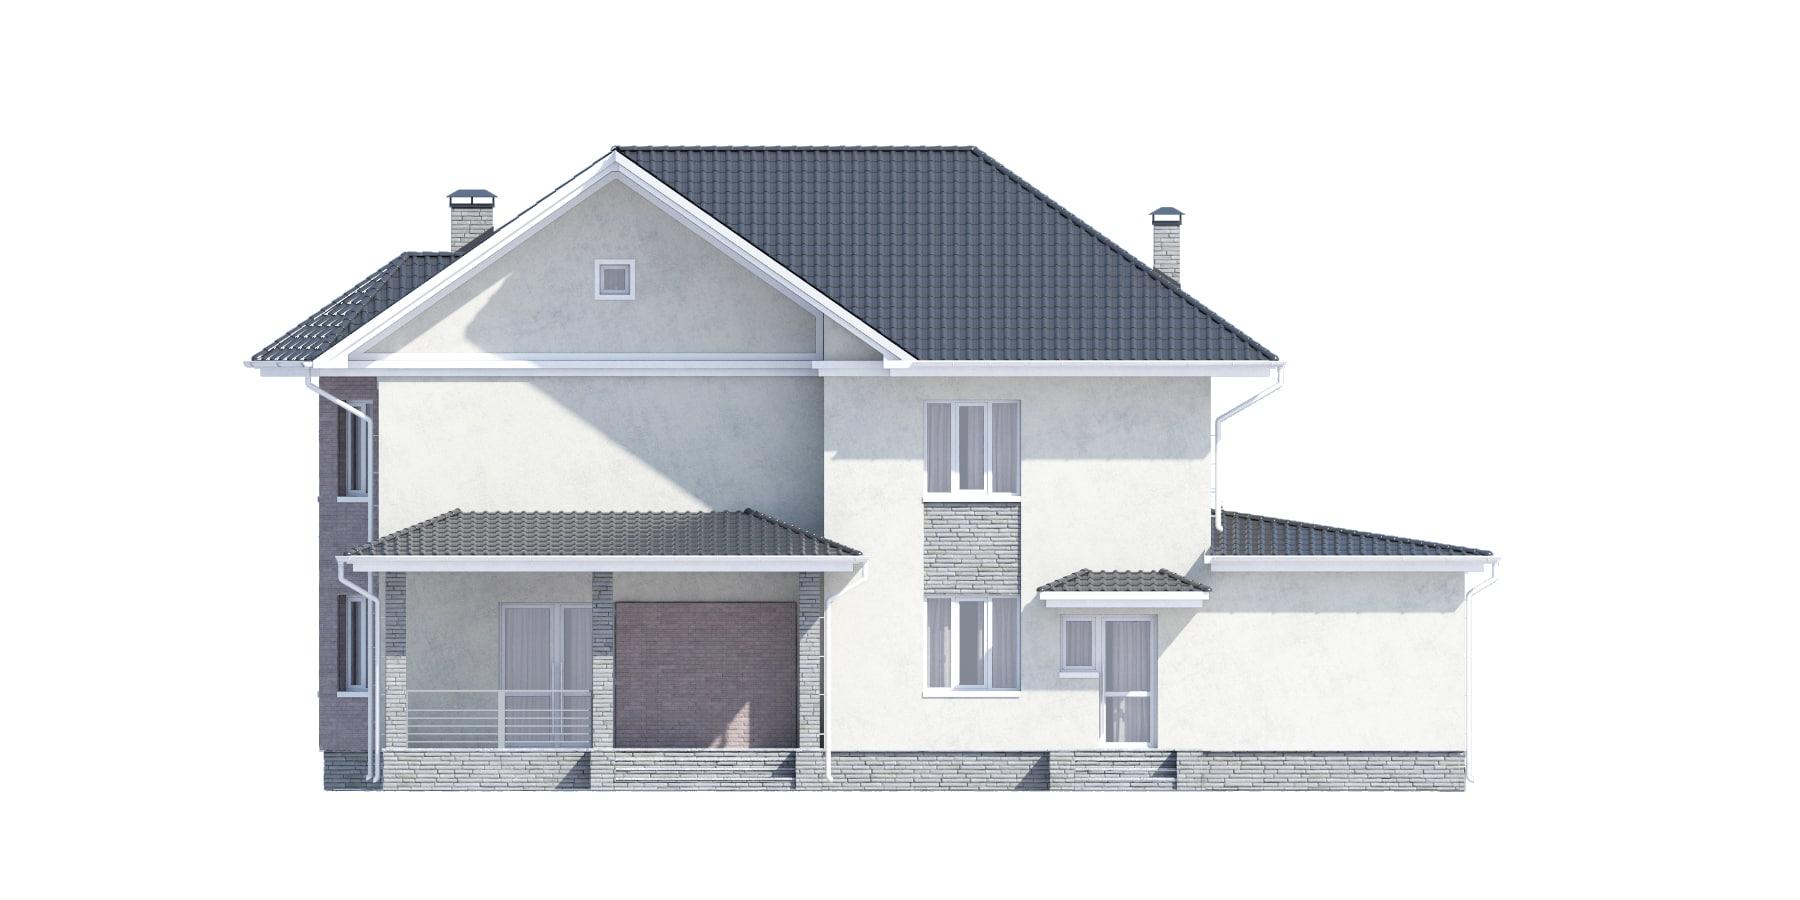 Фасад двухэтажного дома с гаражом и террасой «КД-34» сзади